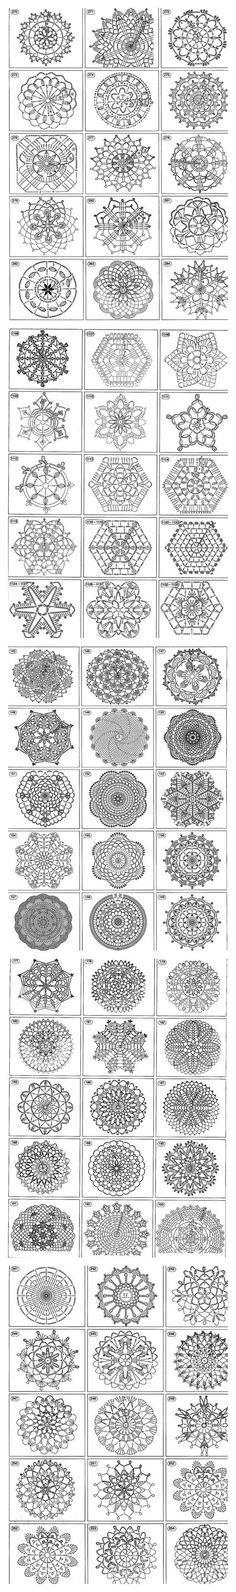 Flores e desenhos